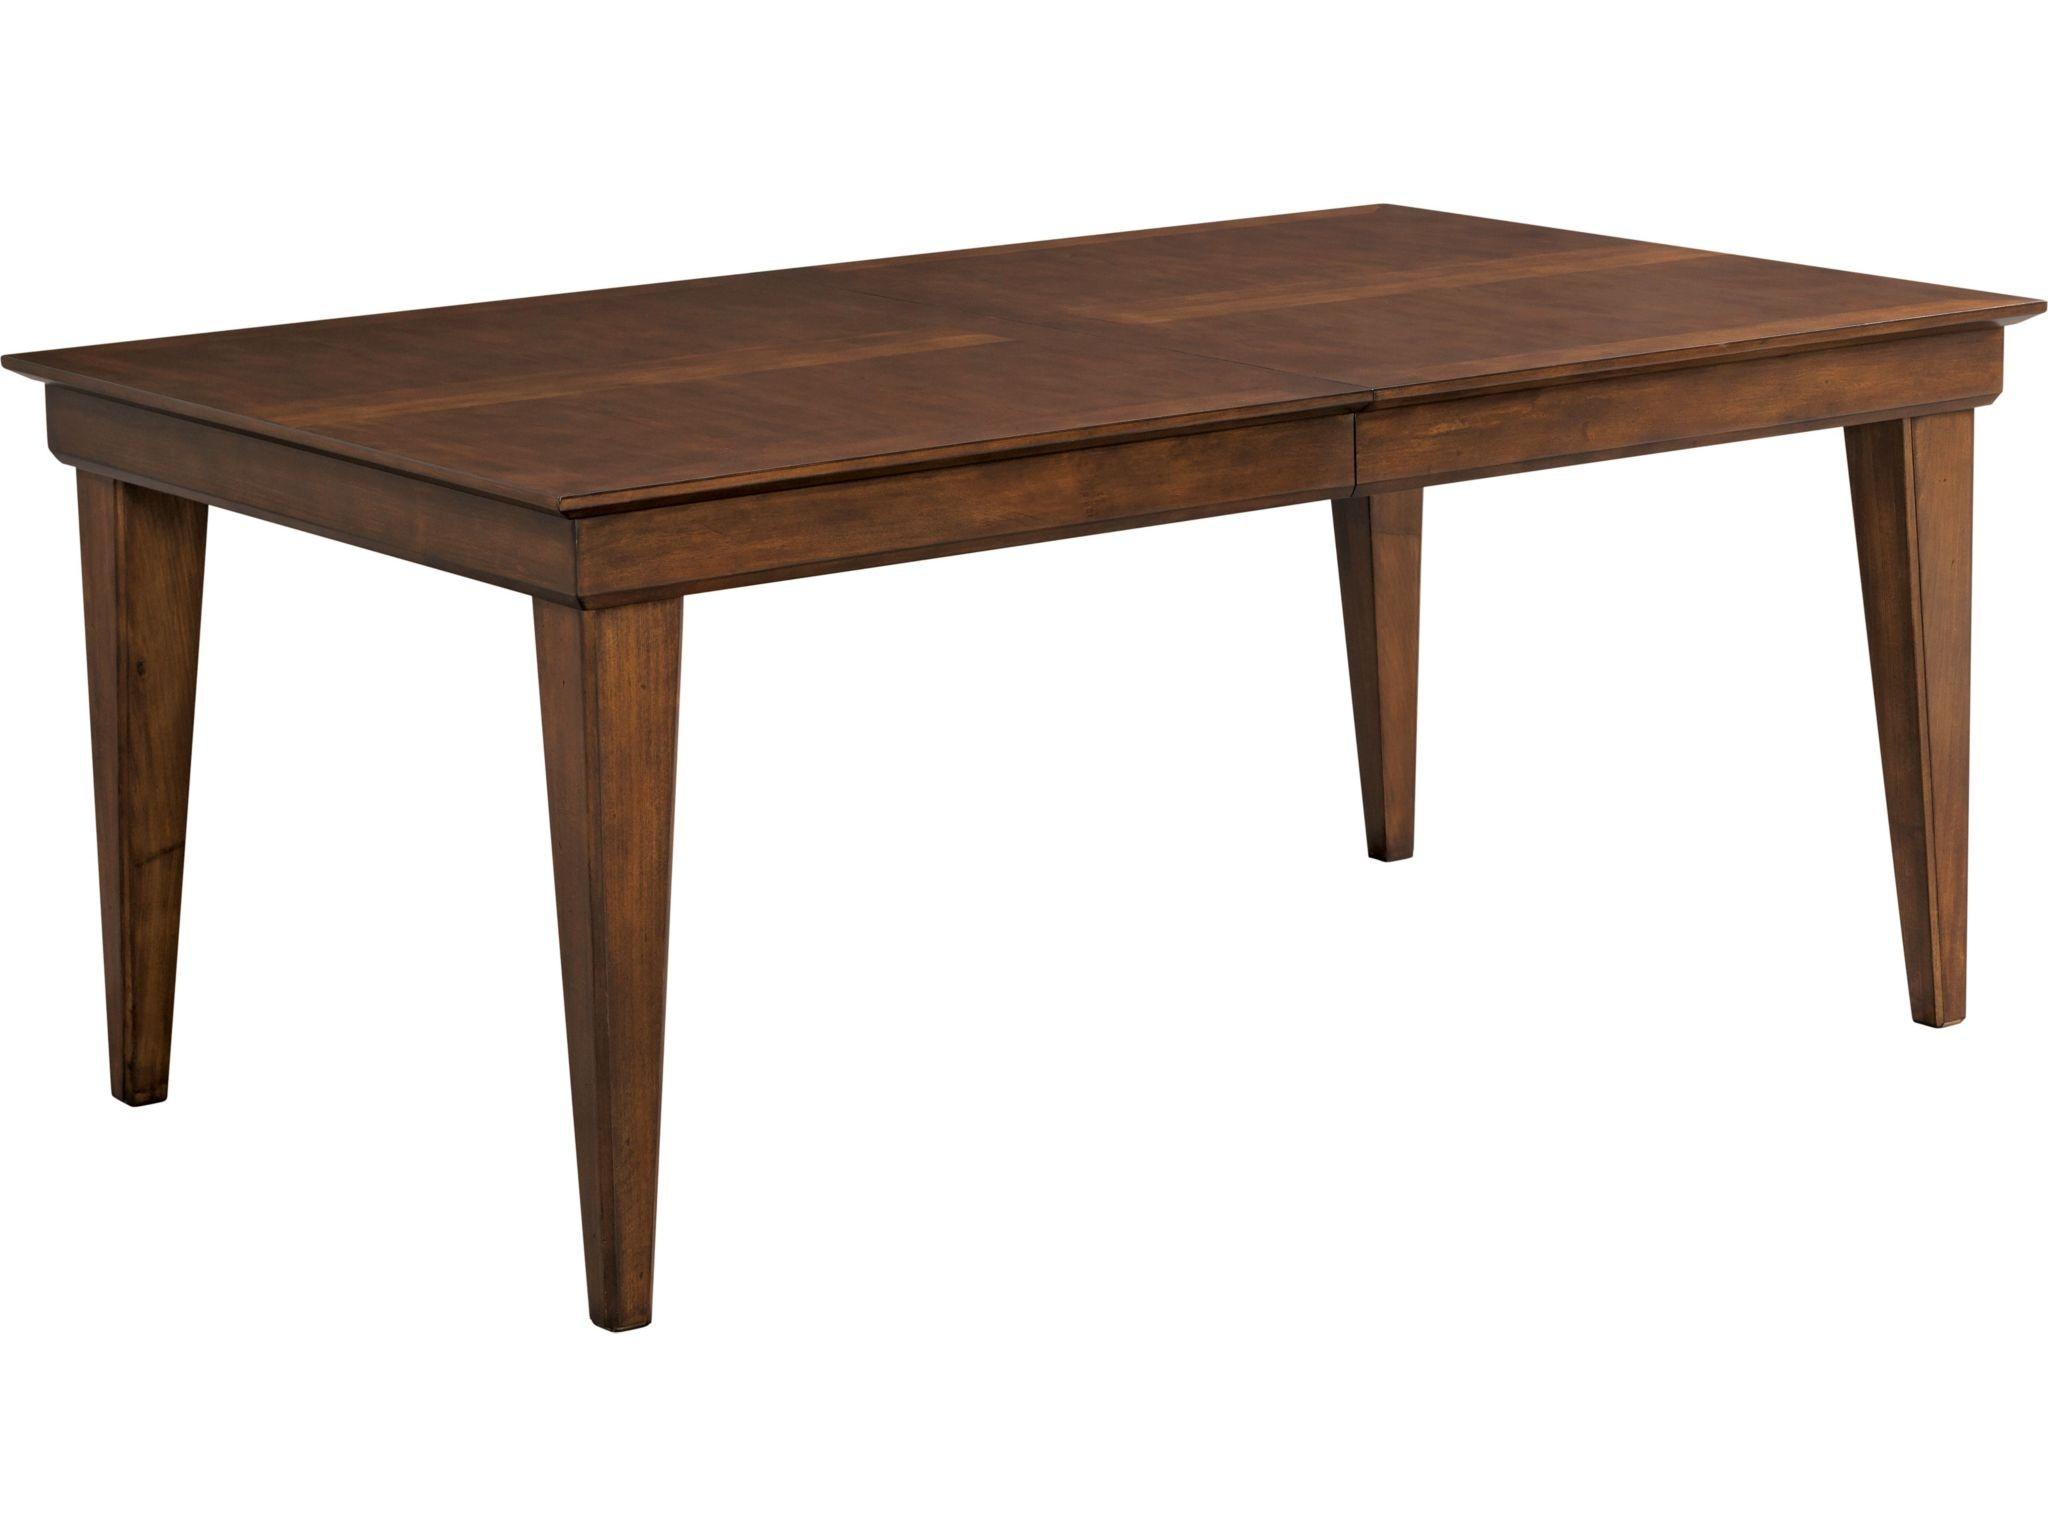 Thomasville Dining Room Leg Table 85221 752 Penn Furniture Scranton Pa  Thomasville Kitchen Tables